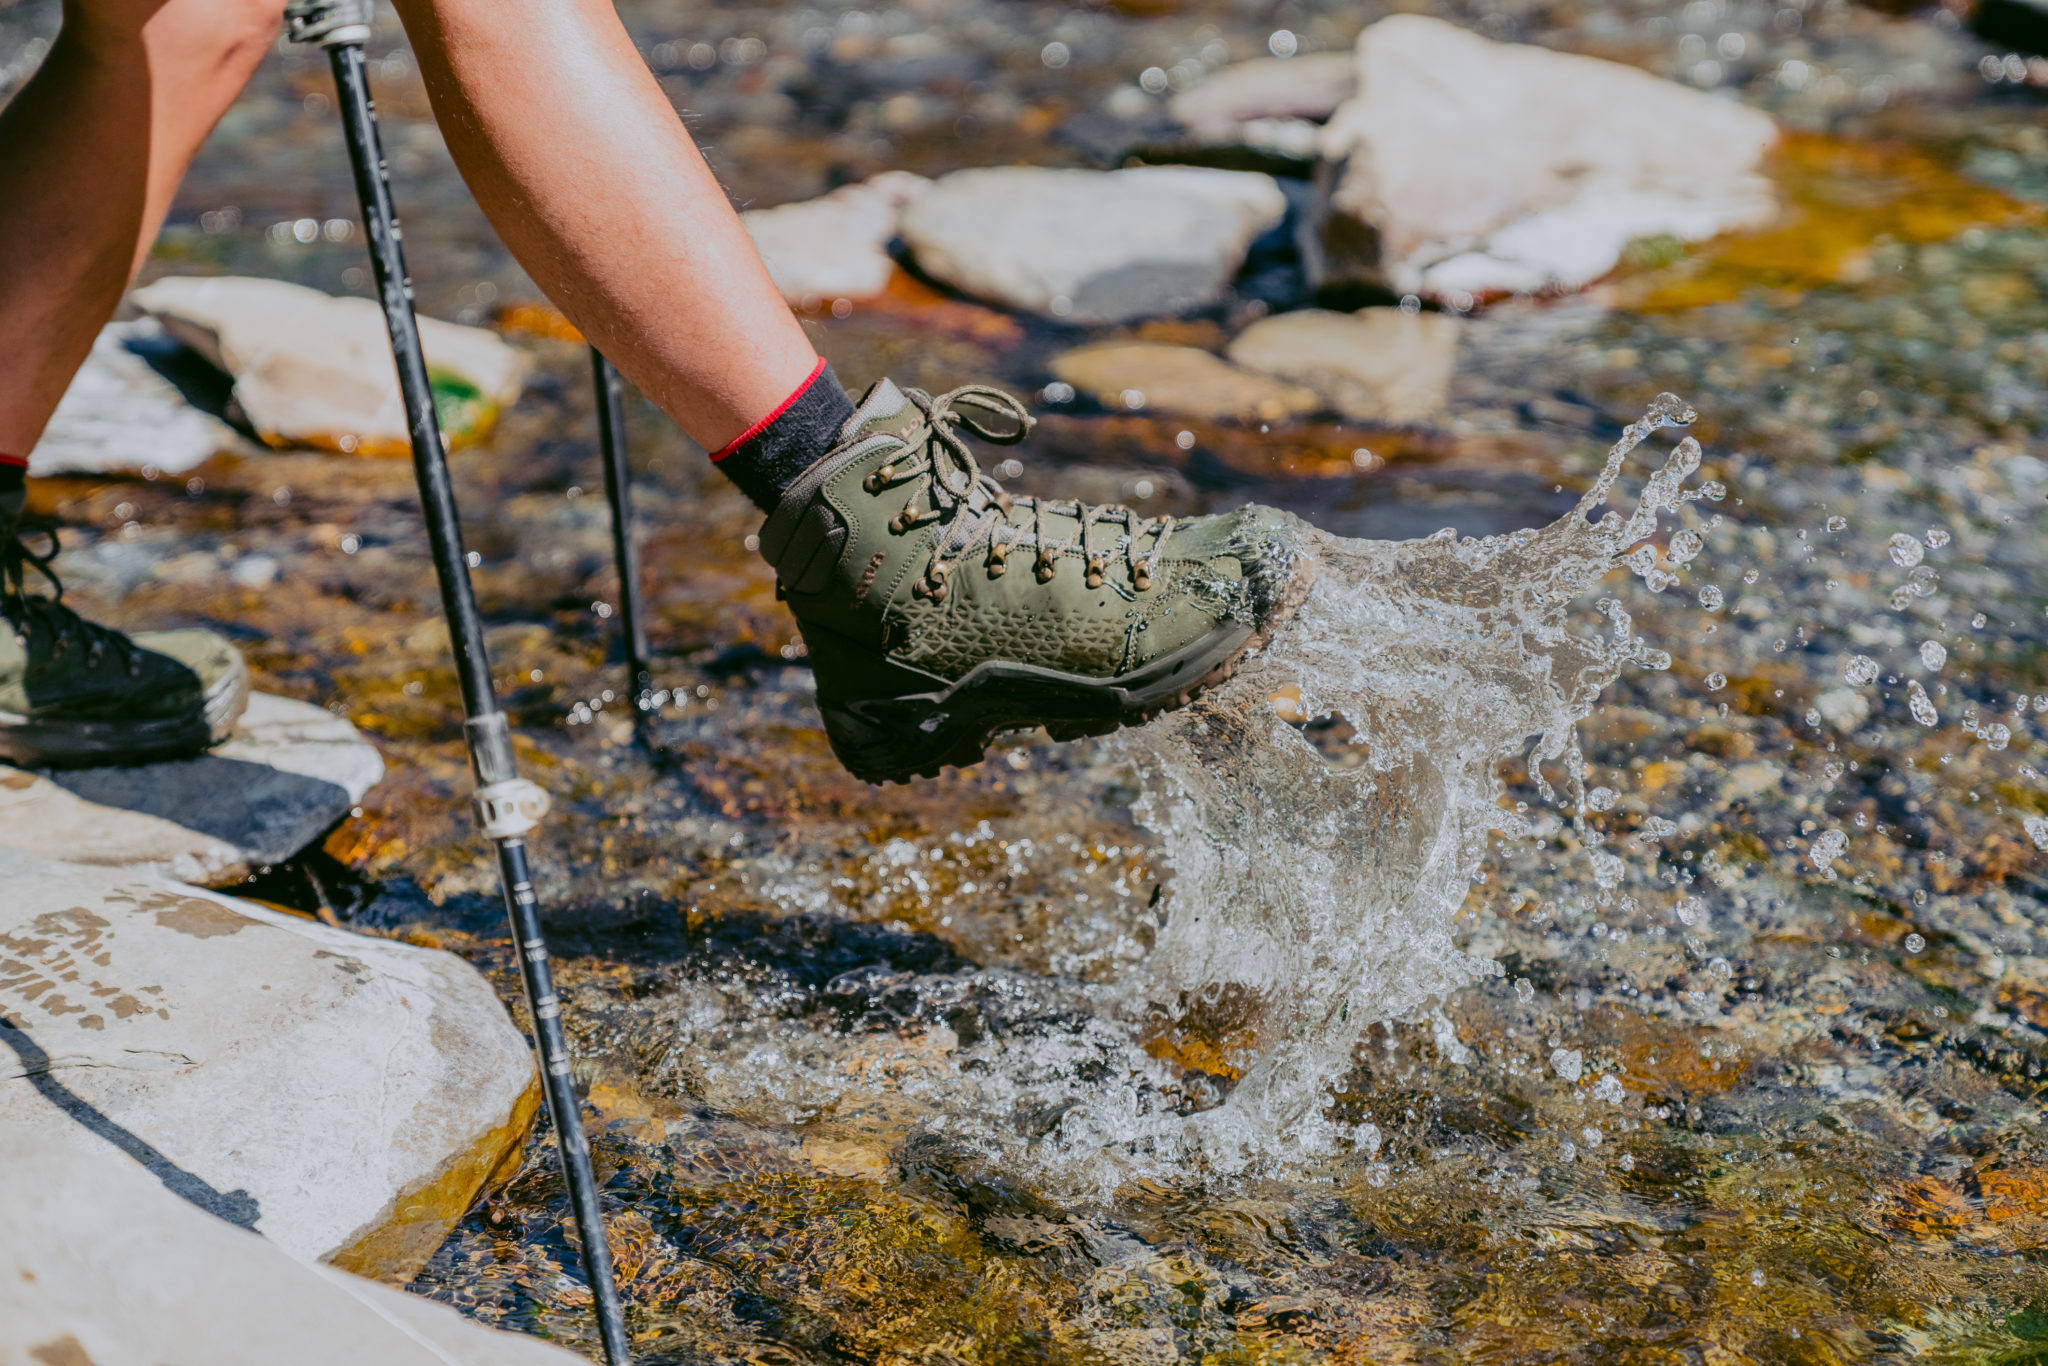 登山鞋鞋底材質破解!超專業登山鞋知識懶人包